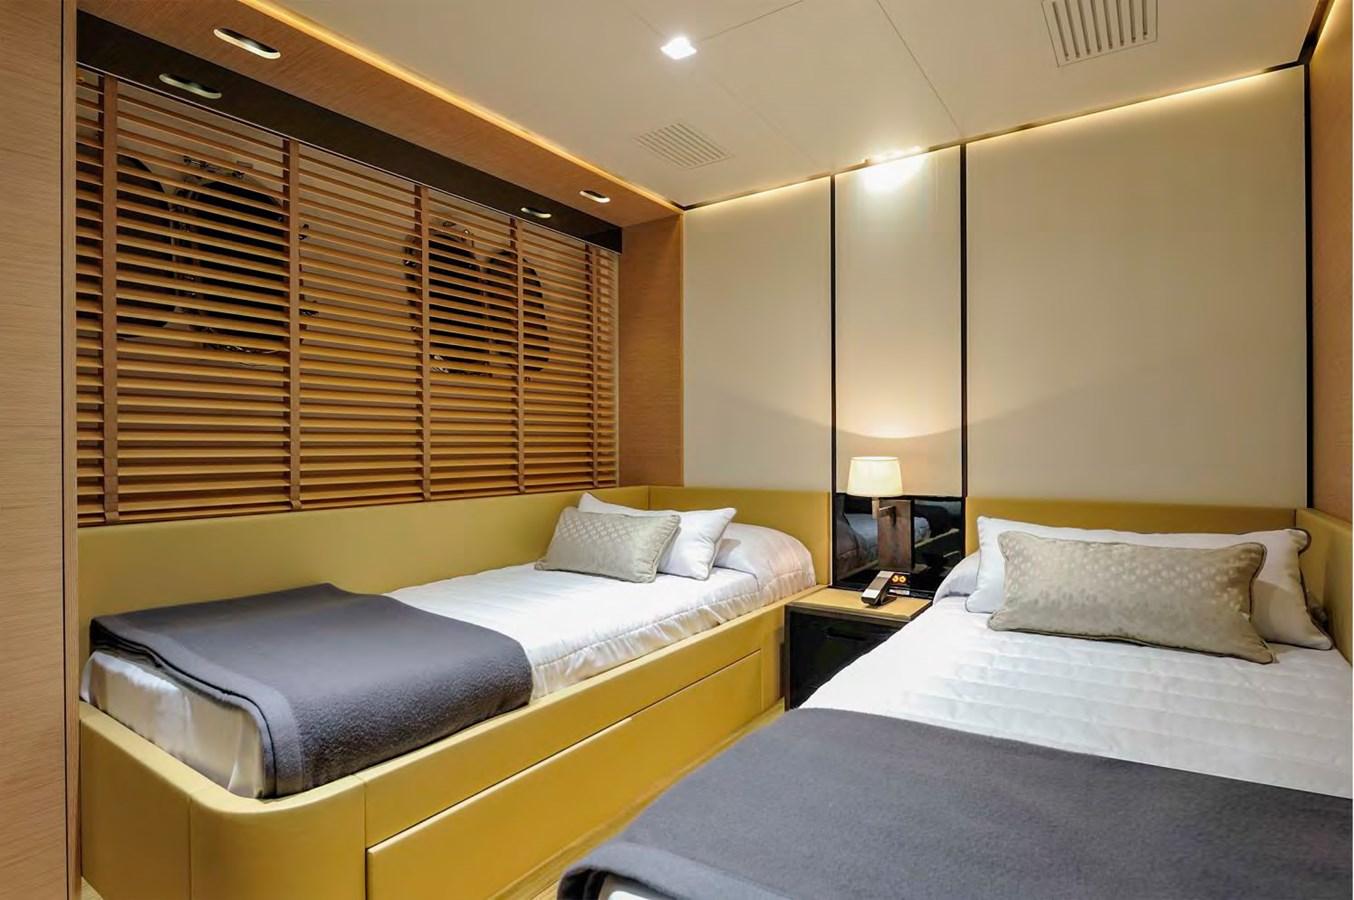 Bertona-Canados-116-Motor-Yacht-Guest-Cabin-1 2011 CANADOS 116 Motor Yacht 2791455